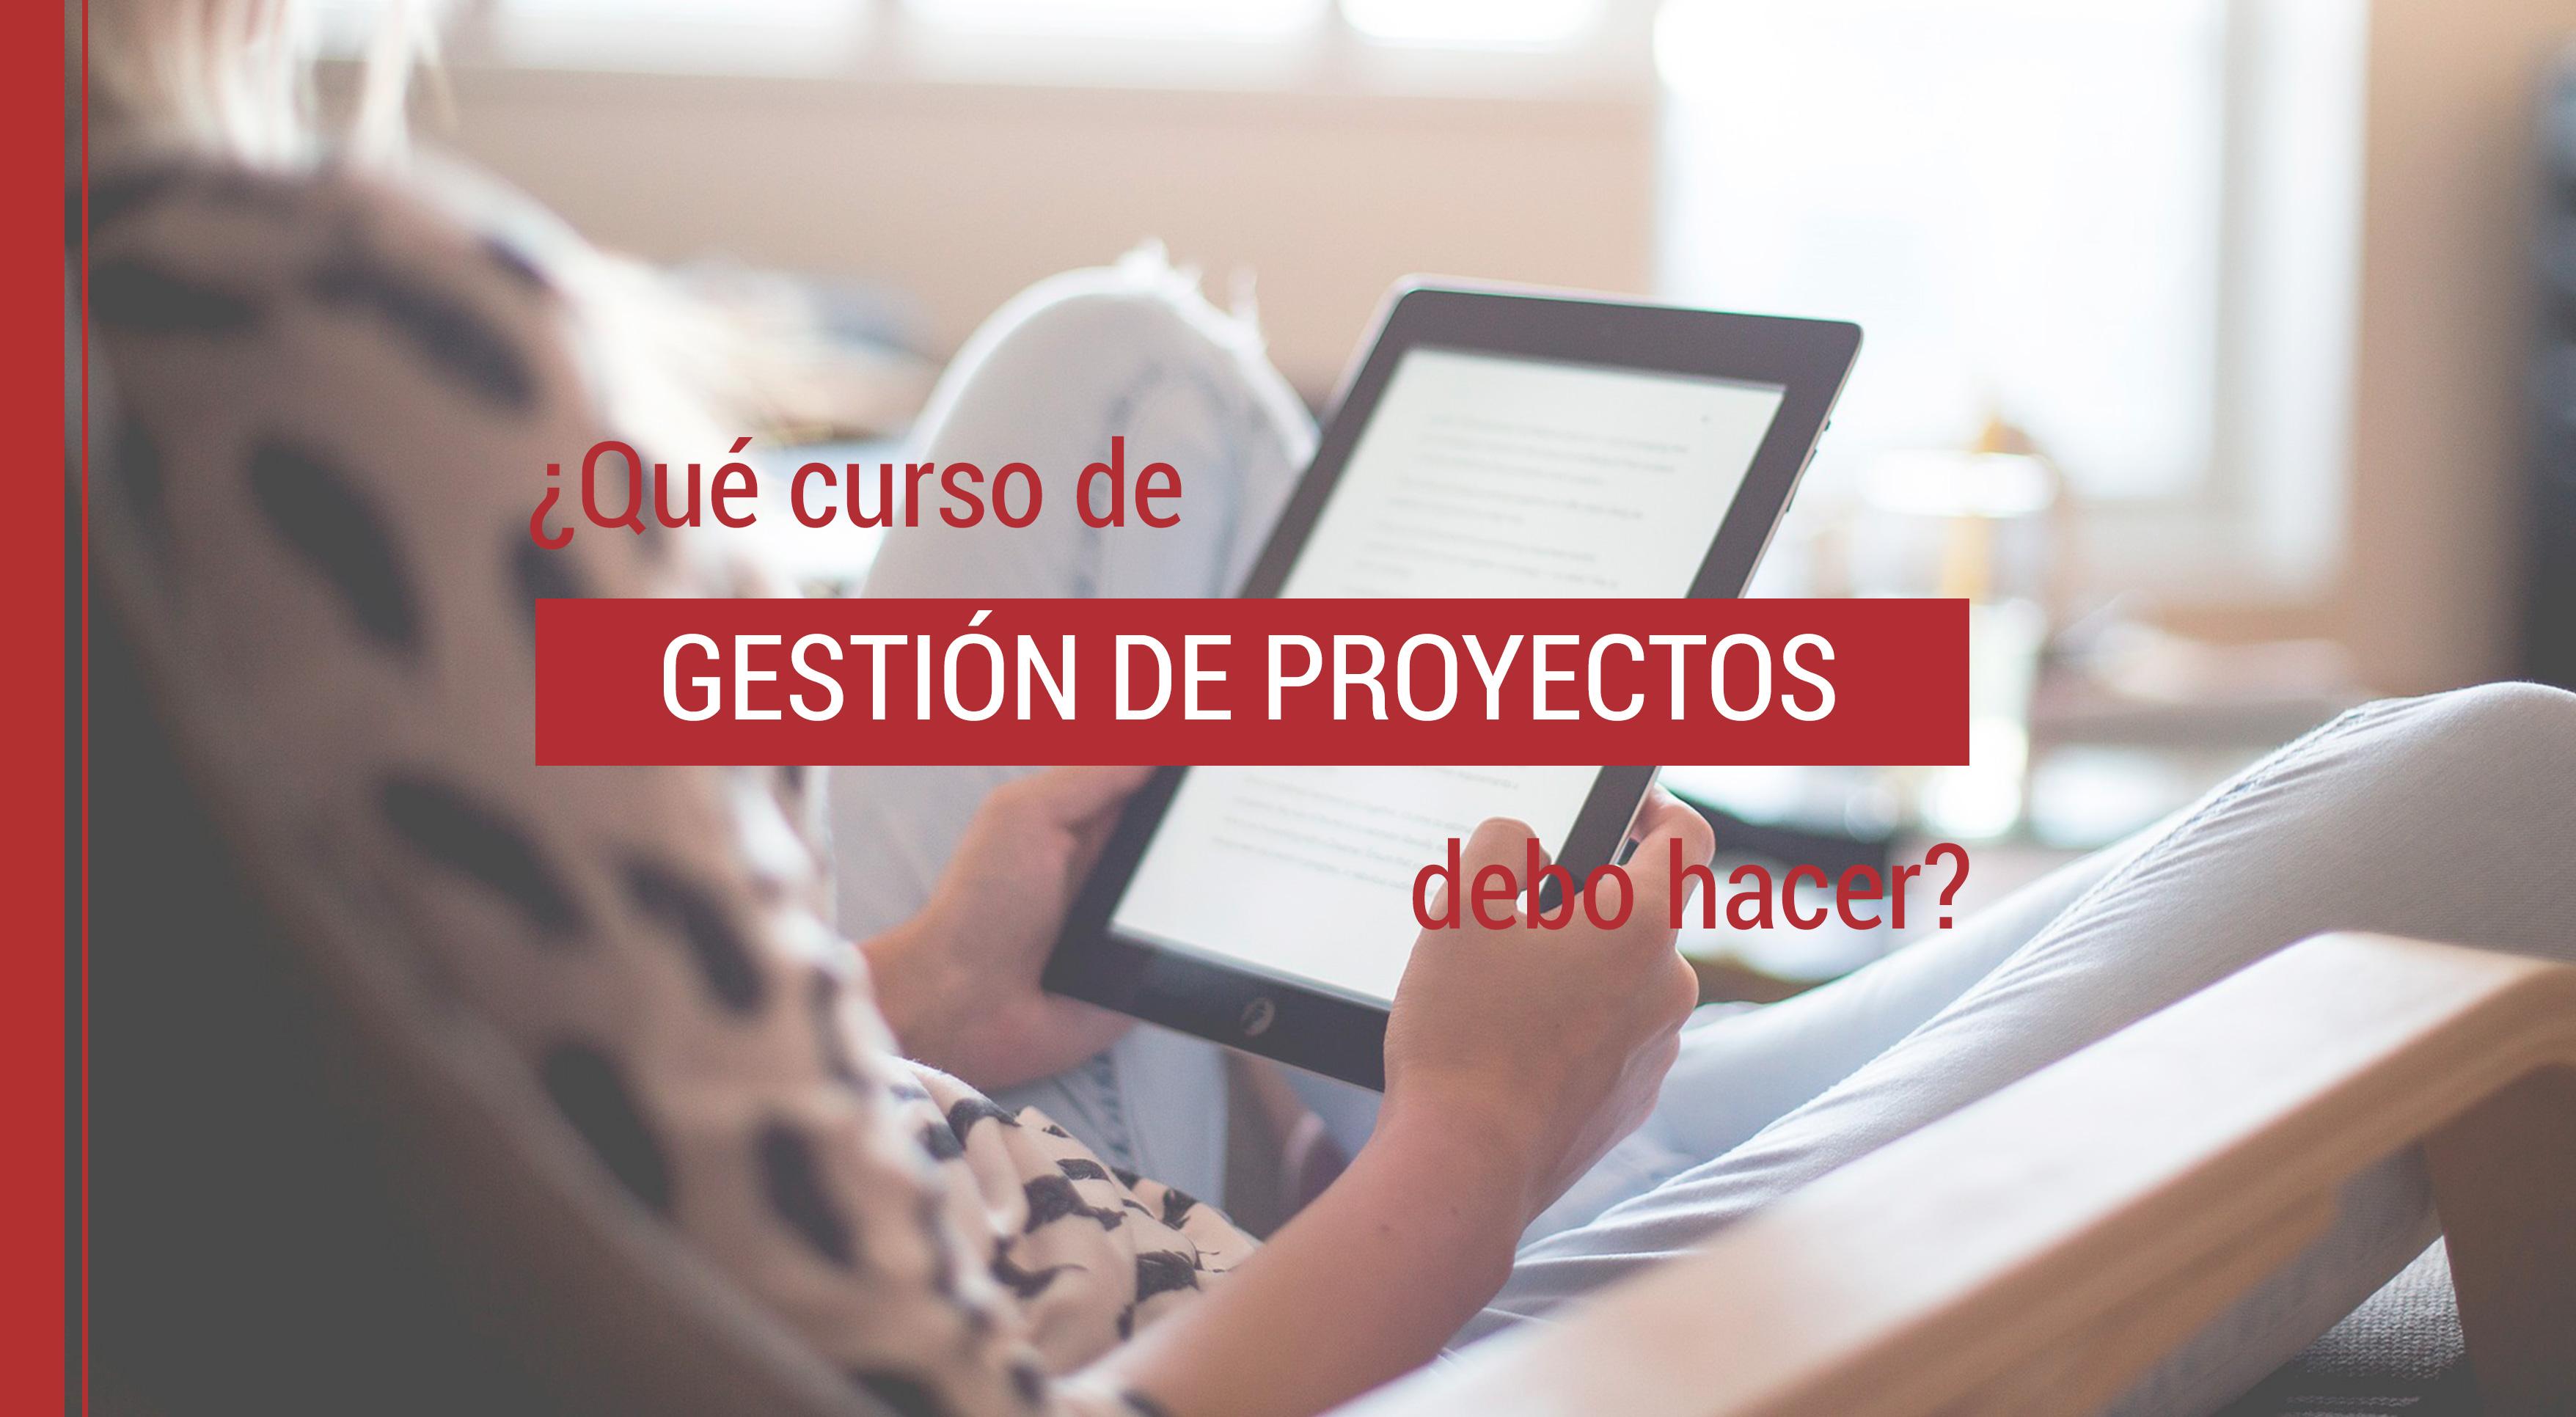 curso-gestion-de-proyectos ¿Qué curso de gestión de proyectos debo hacer?